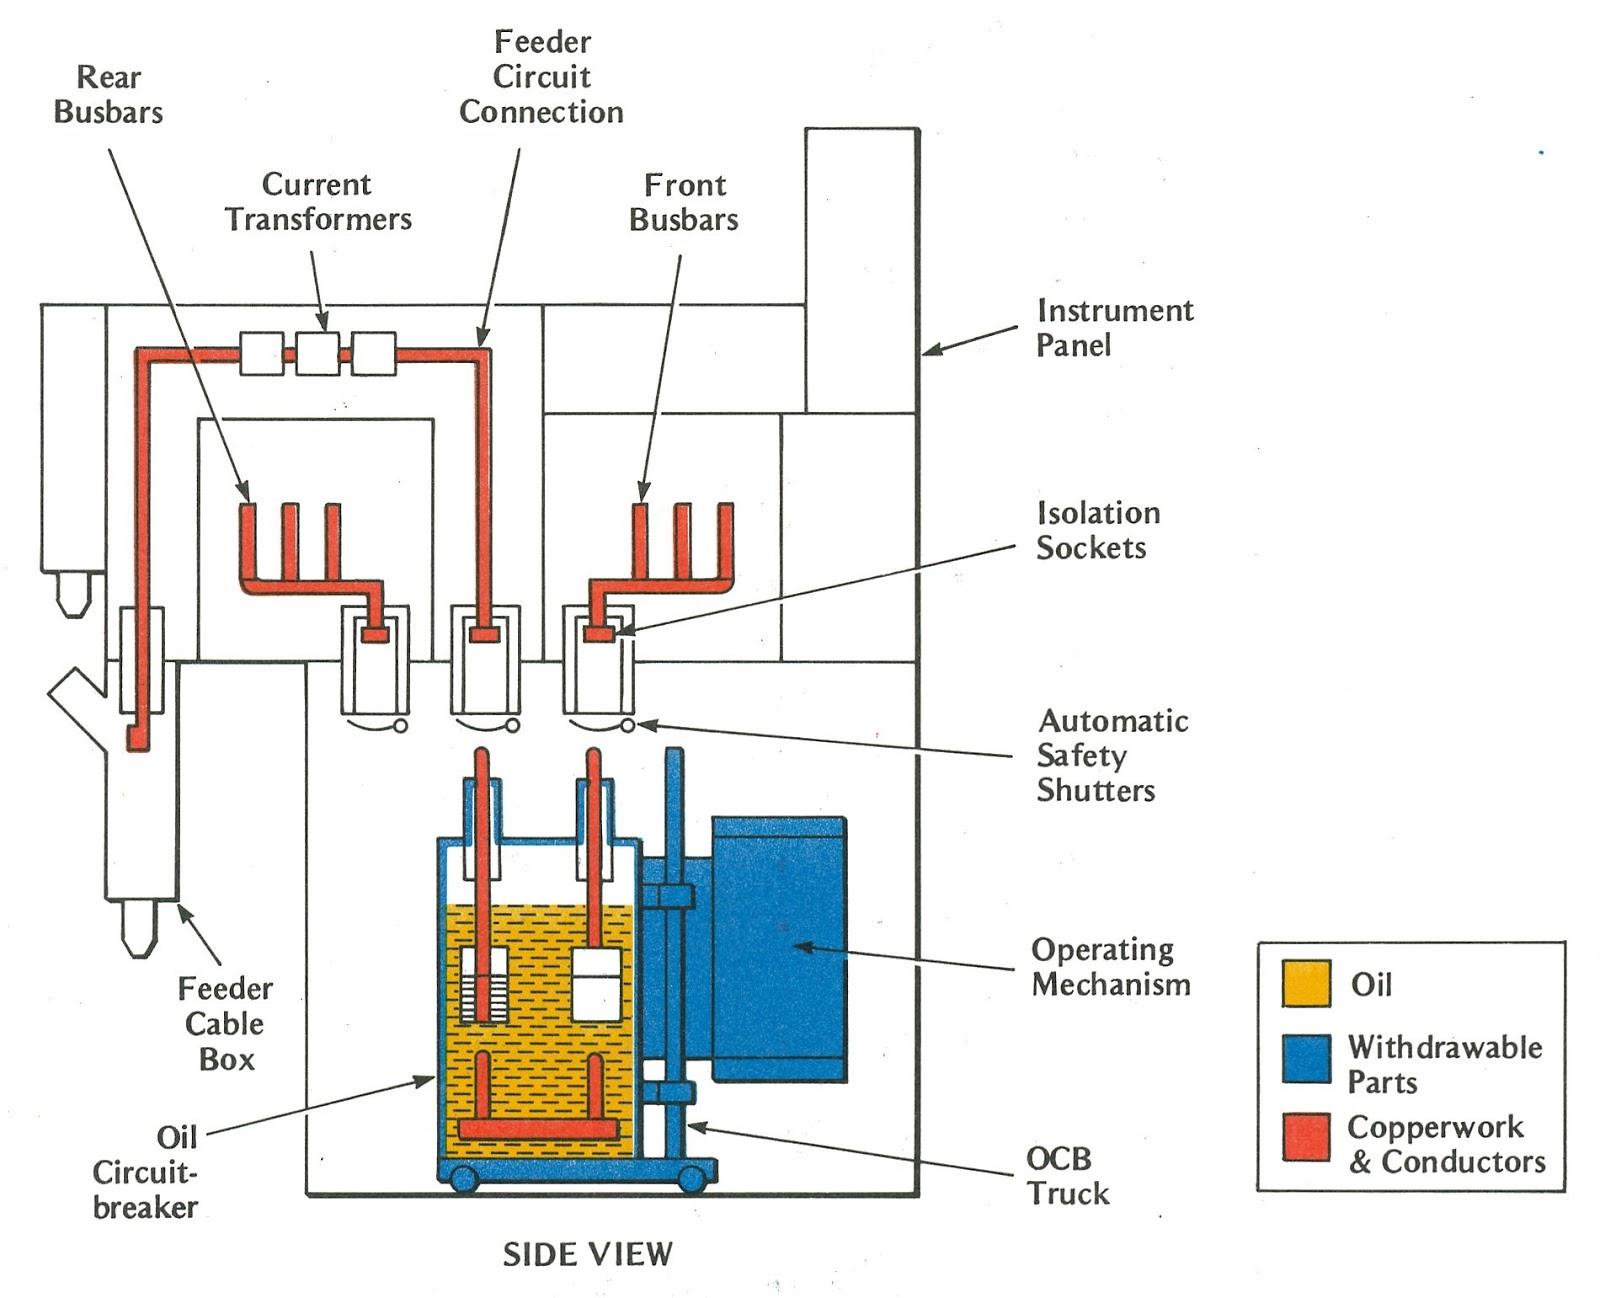 high voltage switchgear wiring diagram wiring diagram yer wiring diagram high voltage switch gear [ 1600 x 1298 Pixel ]